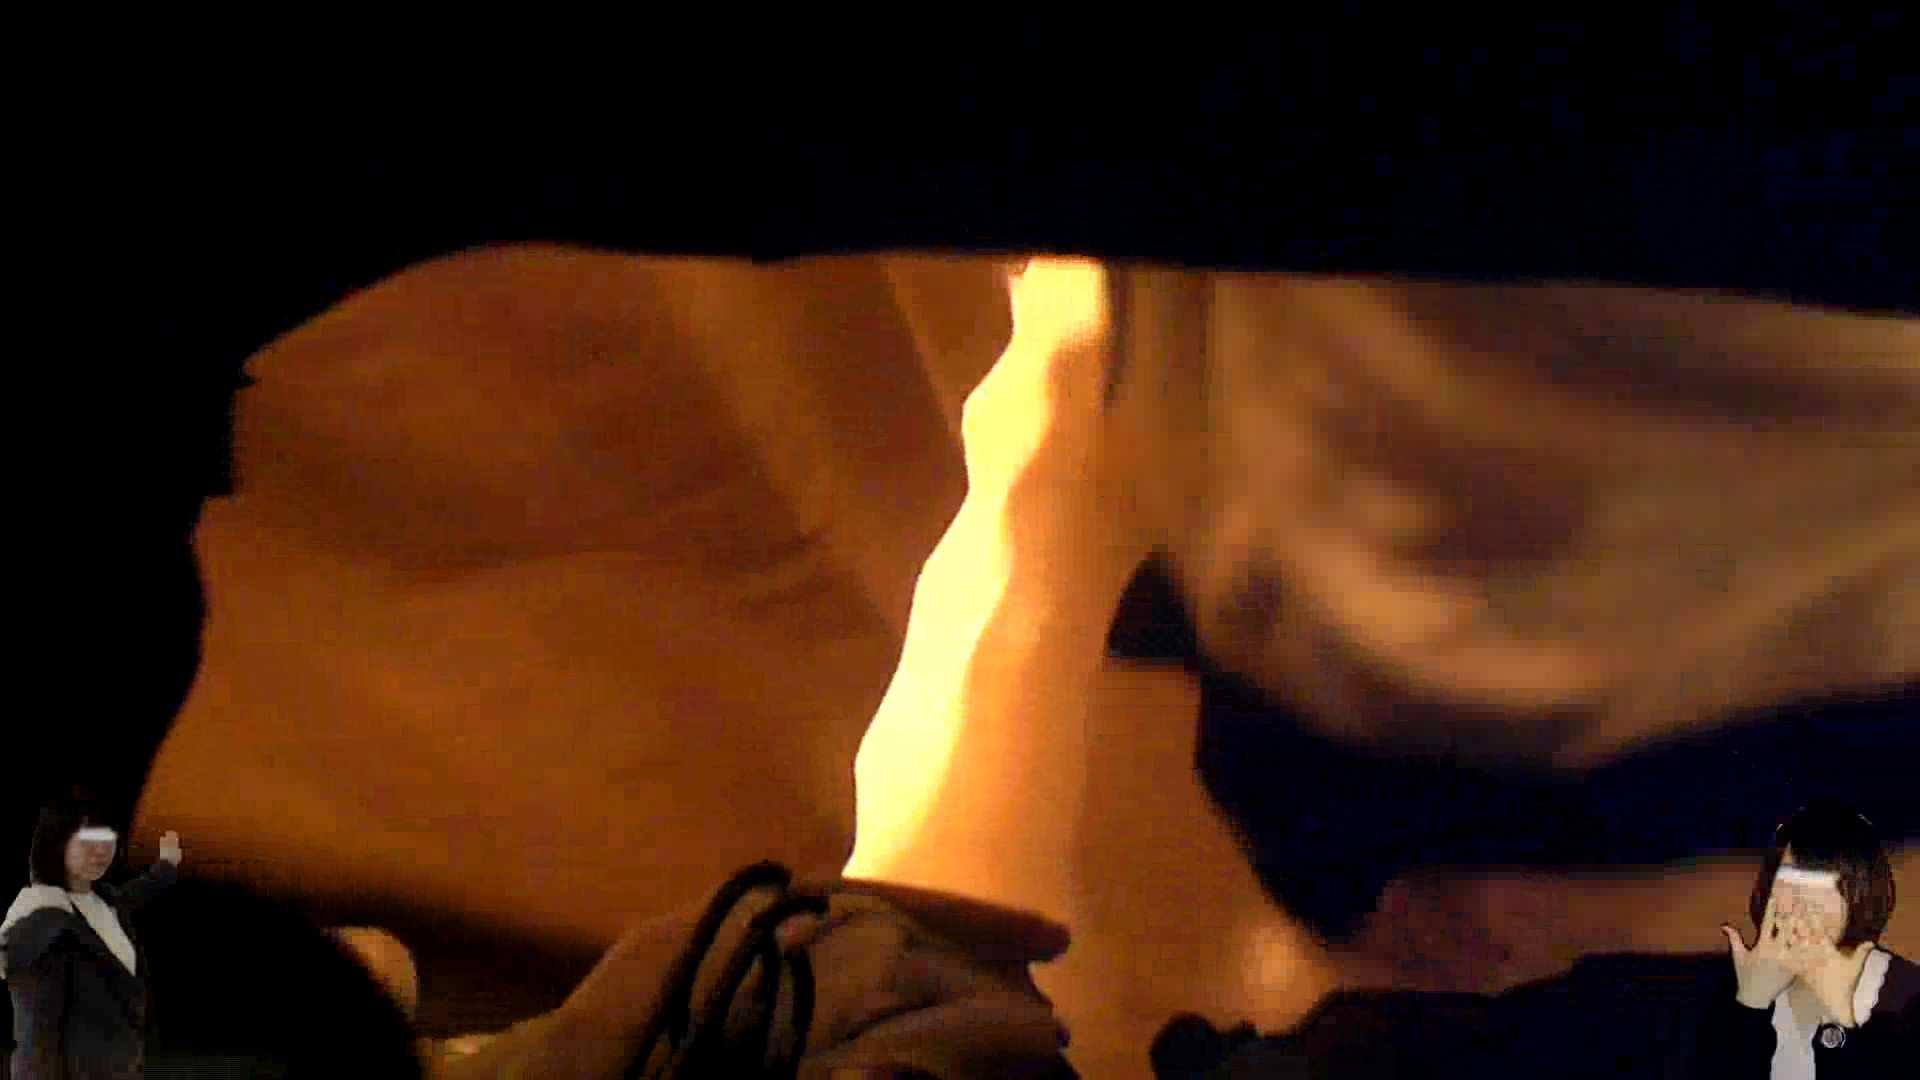 素人投稿 現役「JD」Eちゃんの着替え Vol.05 着替え 盗撮セックス無修正動画無料 111画像 55